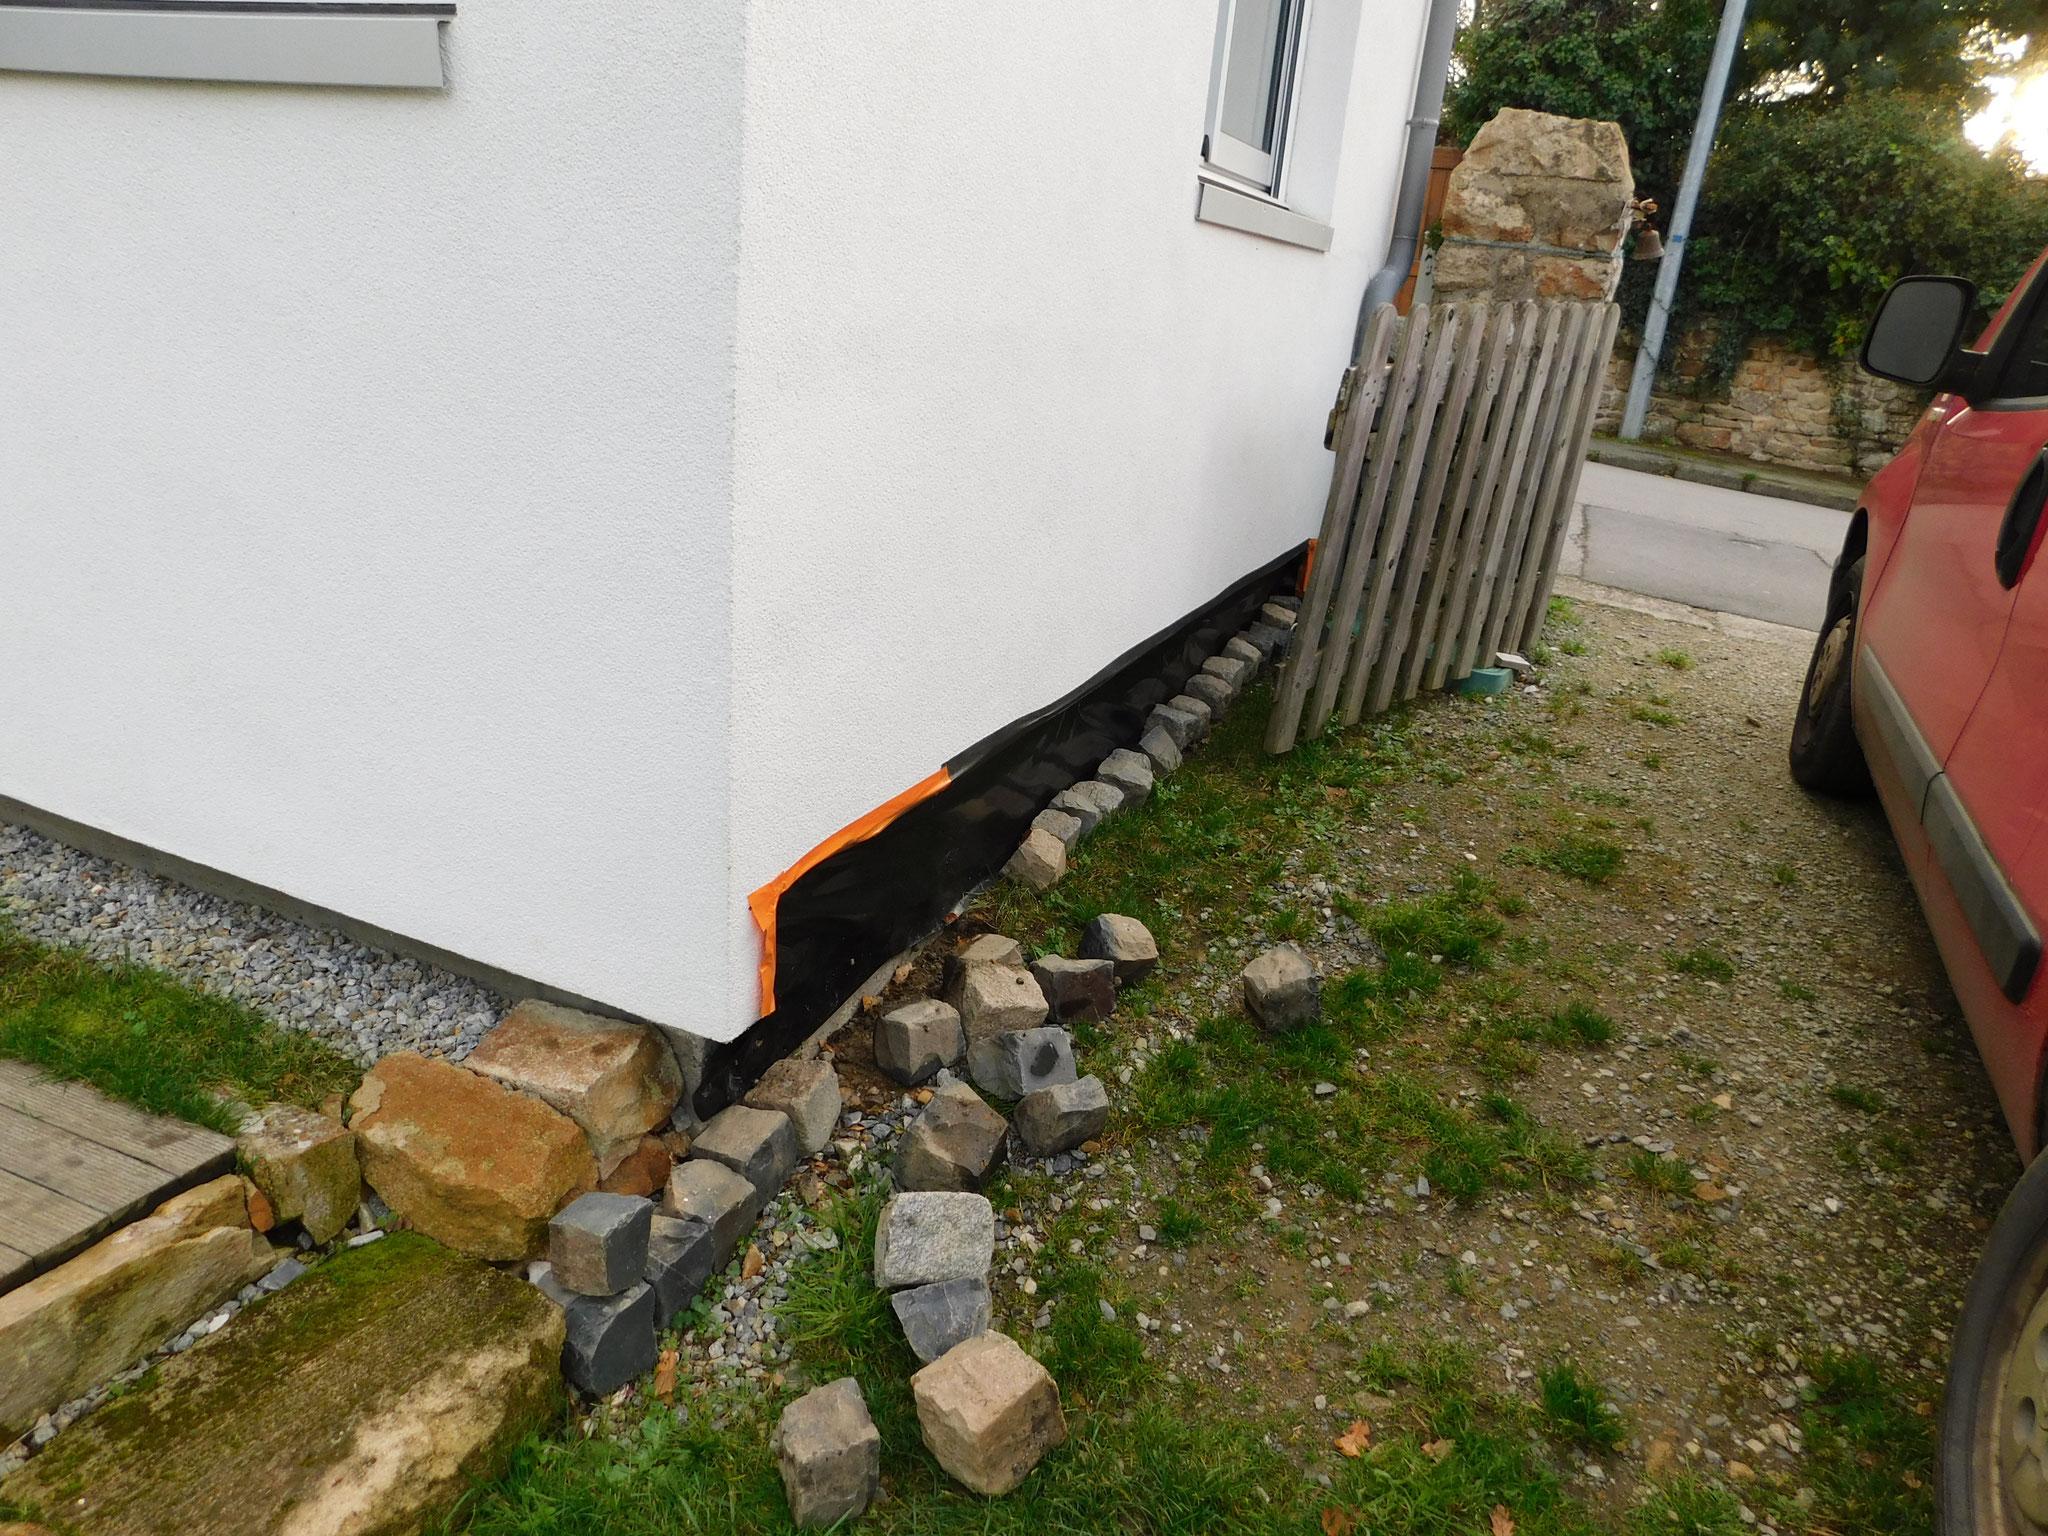 Maison OB + ITE (Isolation Thermique par l'Extérieur) : expertise humidité (remontées capillaires)